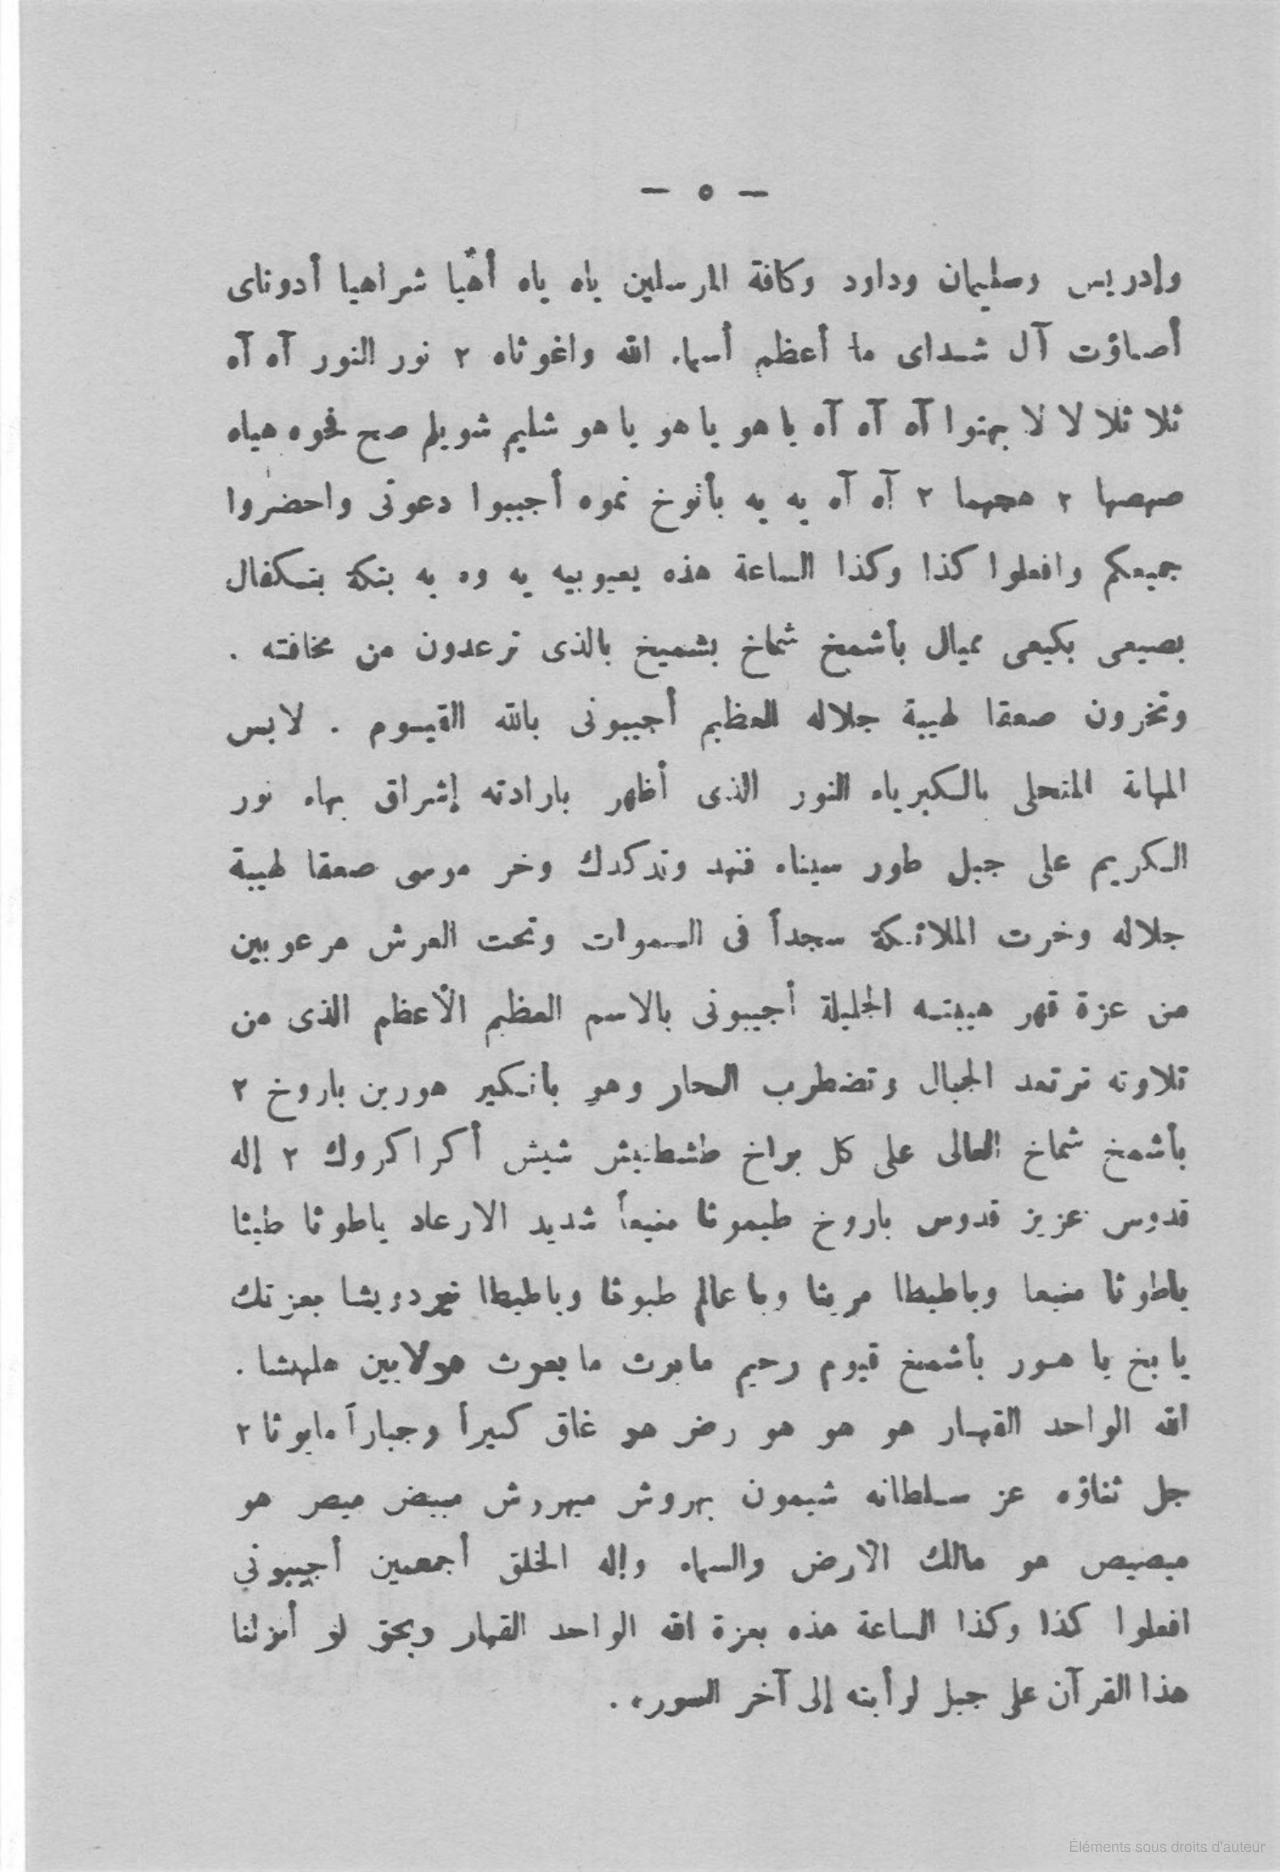 السحر الاحمر كتاب اثري قديم عبد الفتاح السيد الطوخي Google Livres Word Search Puzzle Words Math